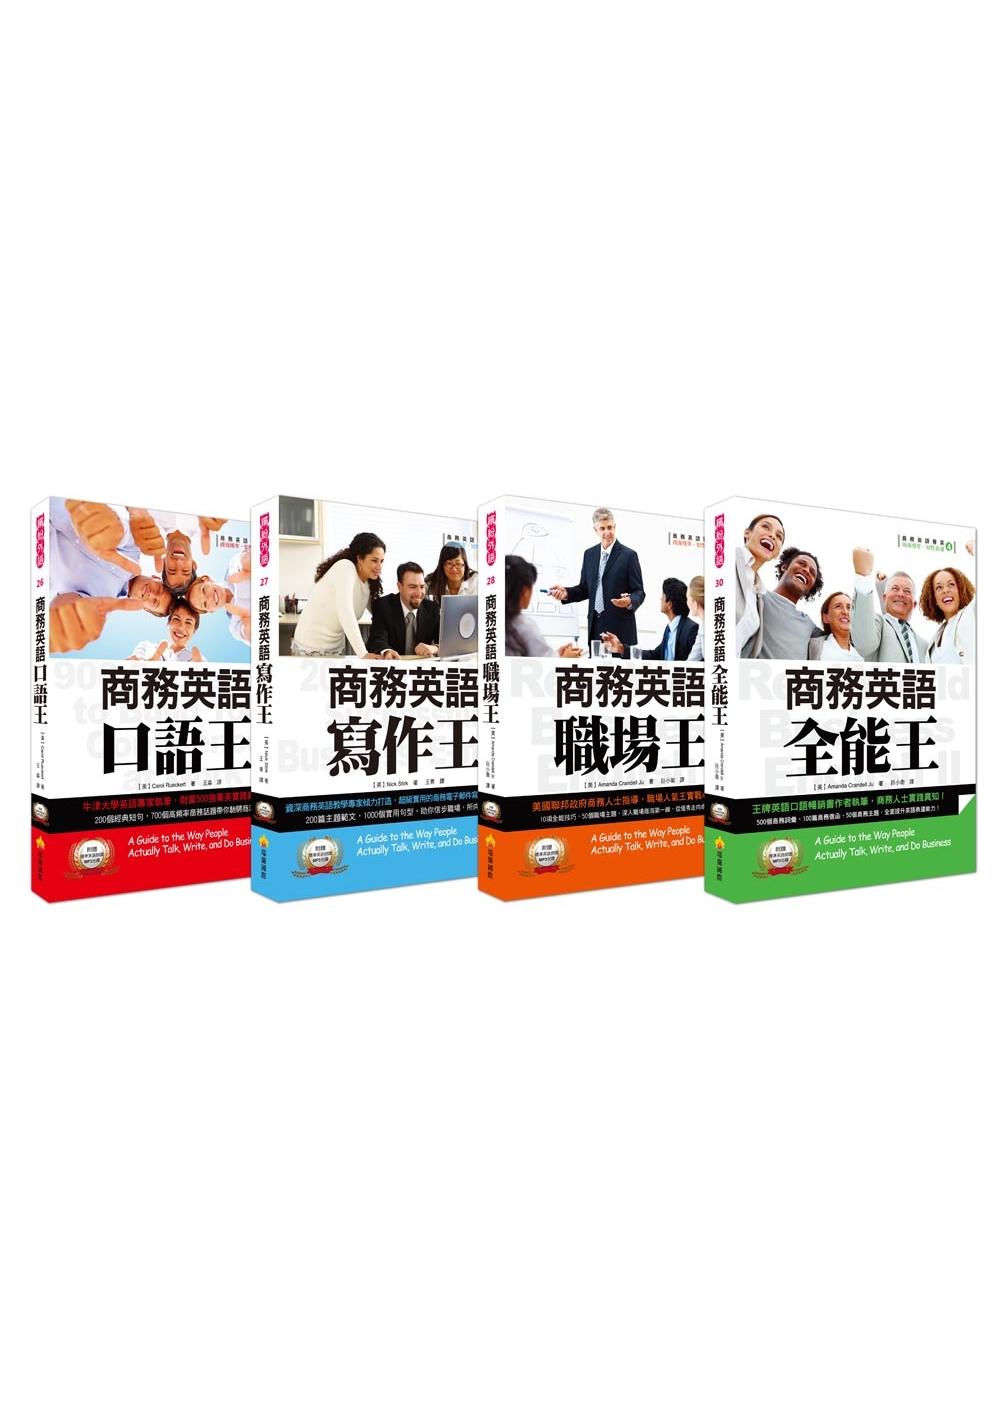 商務英語四書:商務英語口語王、商務英語寫作王、商務英語職場王、商務英語全能王(附贈標準英語朗讀4片MP3)